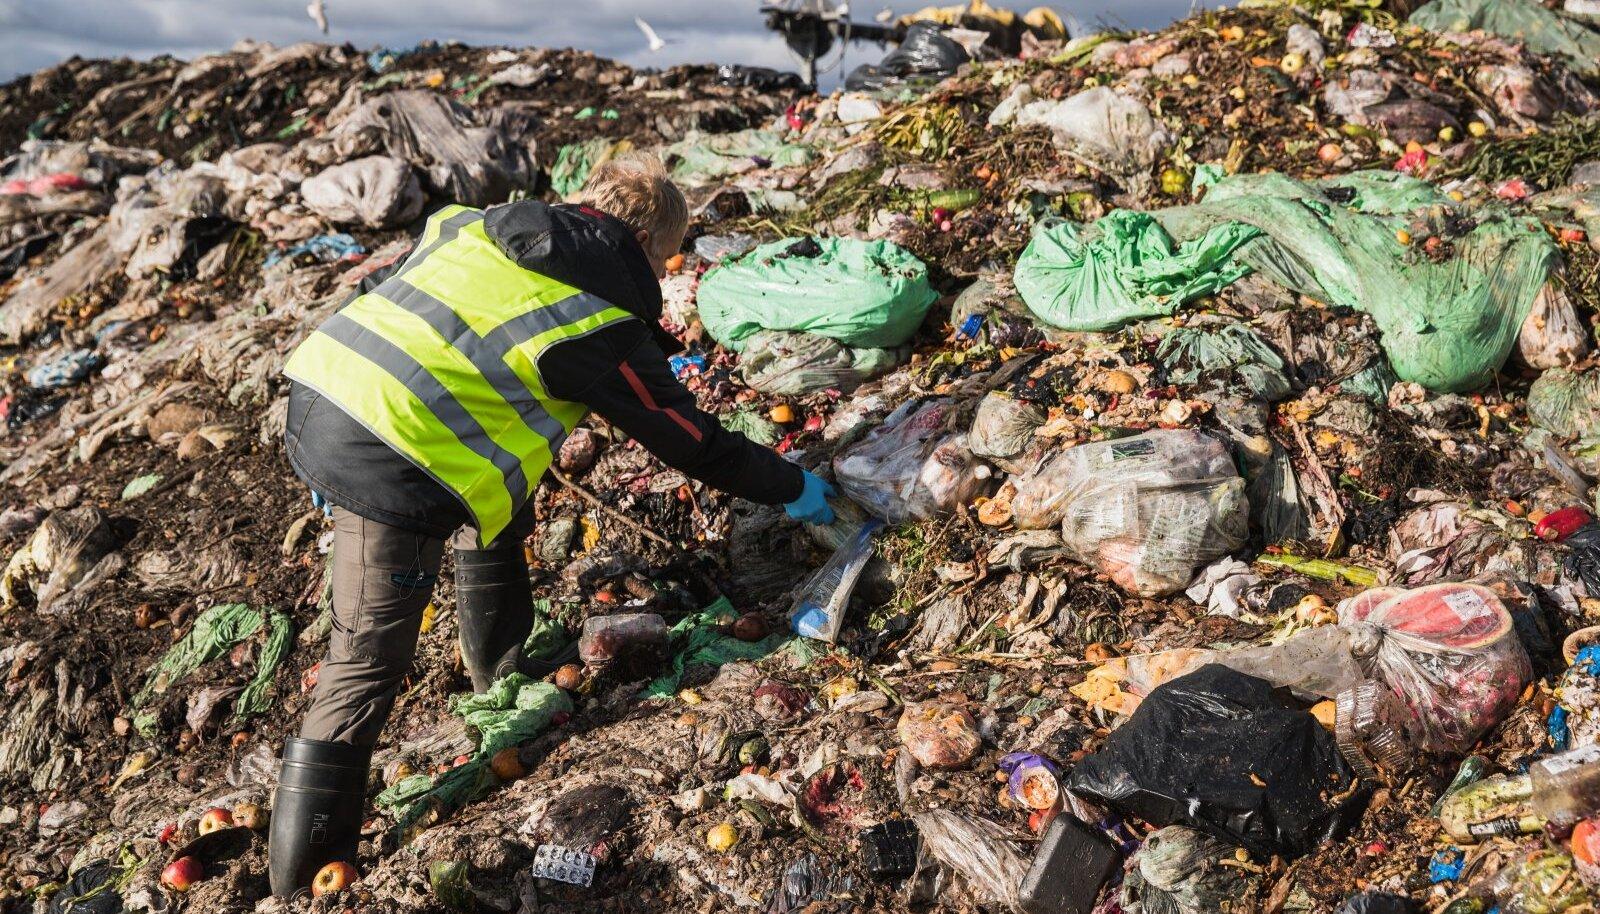 Selleks, et biojäätmetest saaks rammus väetis, peab esmalt olema inimestele tagatud võimalus biojäätmeid eraldi koguda ja ära anda. Pildil Aardlapalu prügila, kus biojäätmeid komposteeritakse.